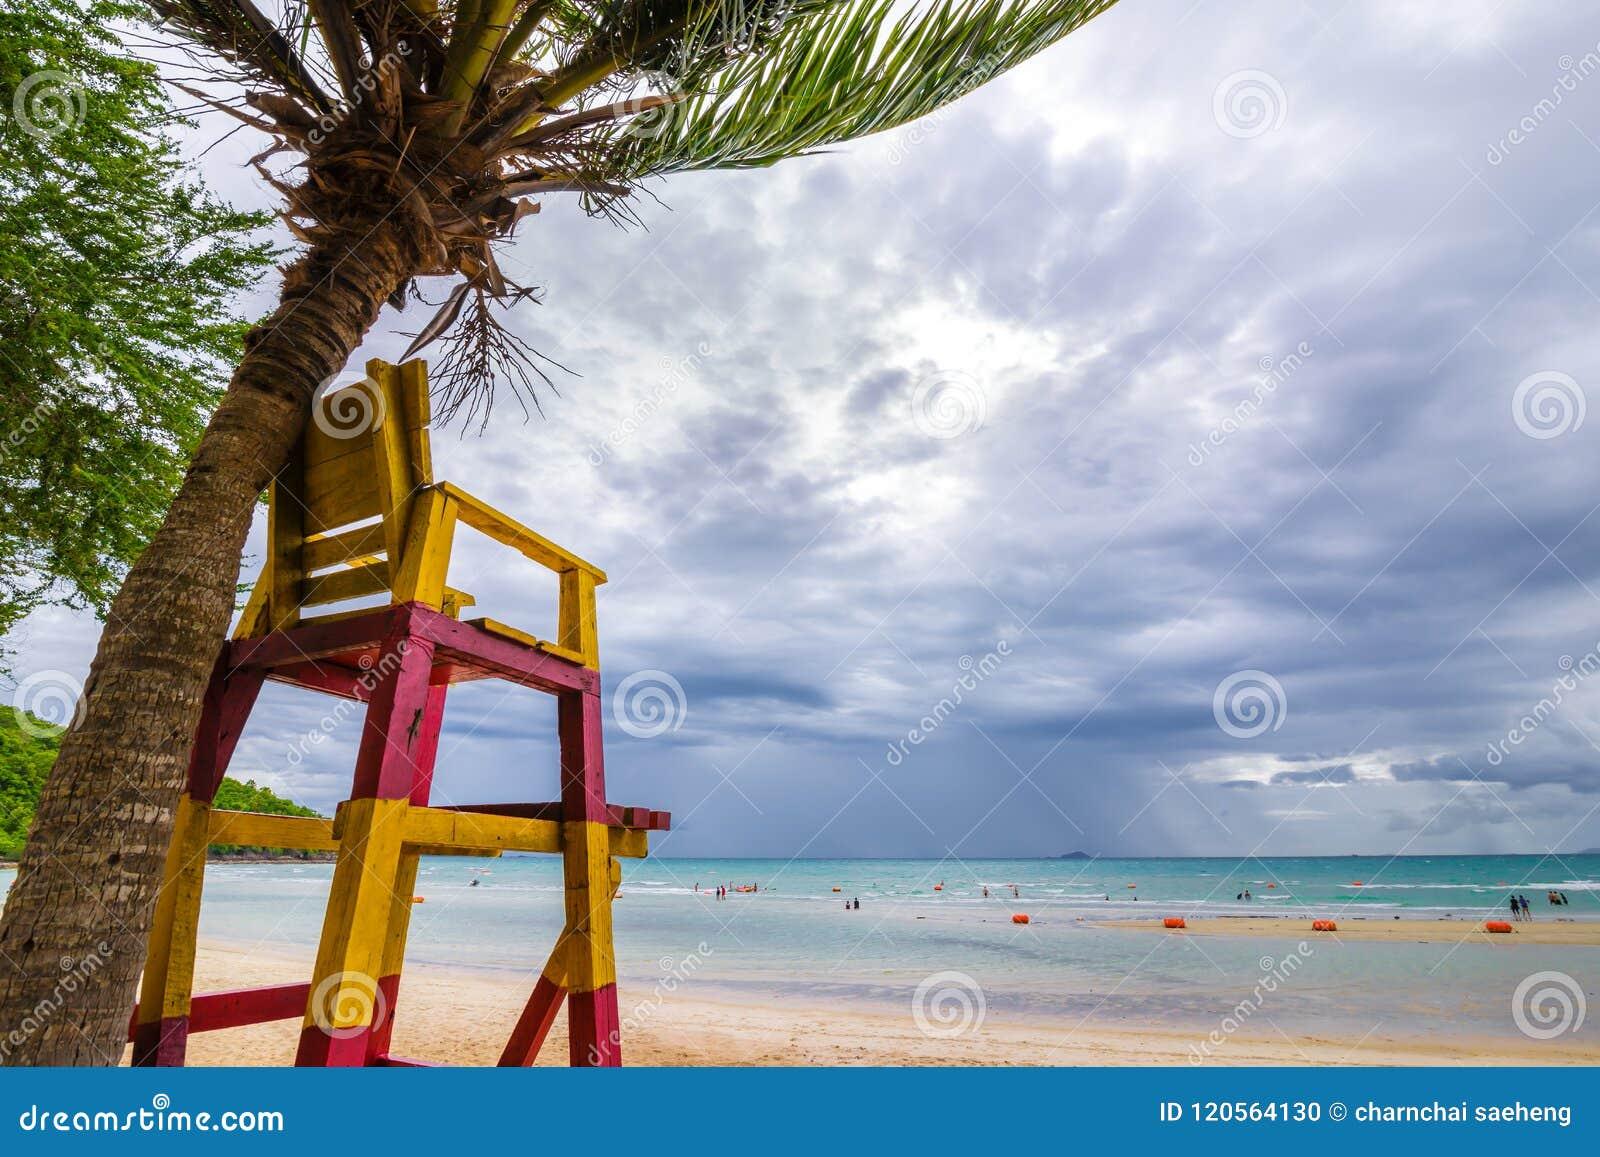 Lifeguard chair near the coconut tree on the beach with a rain cloud.